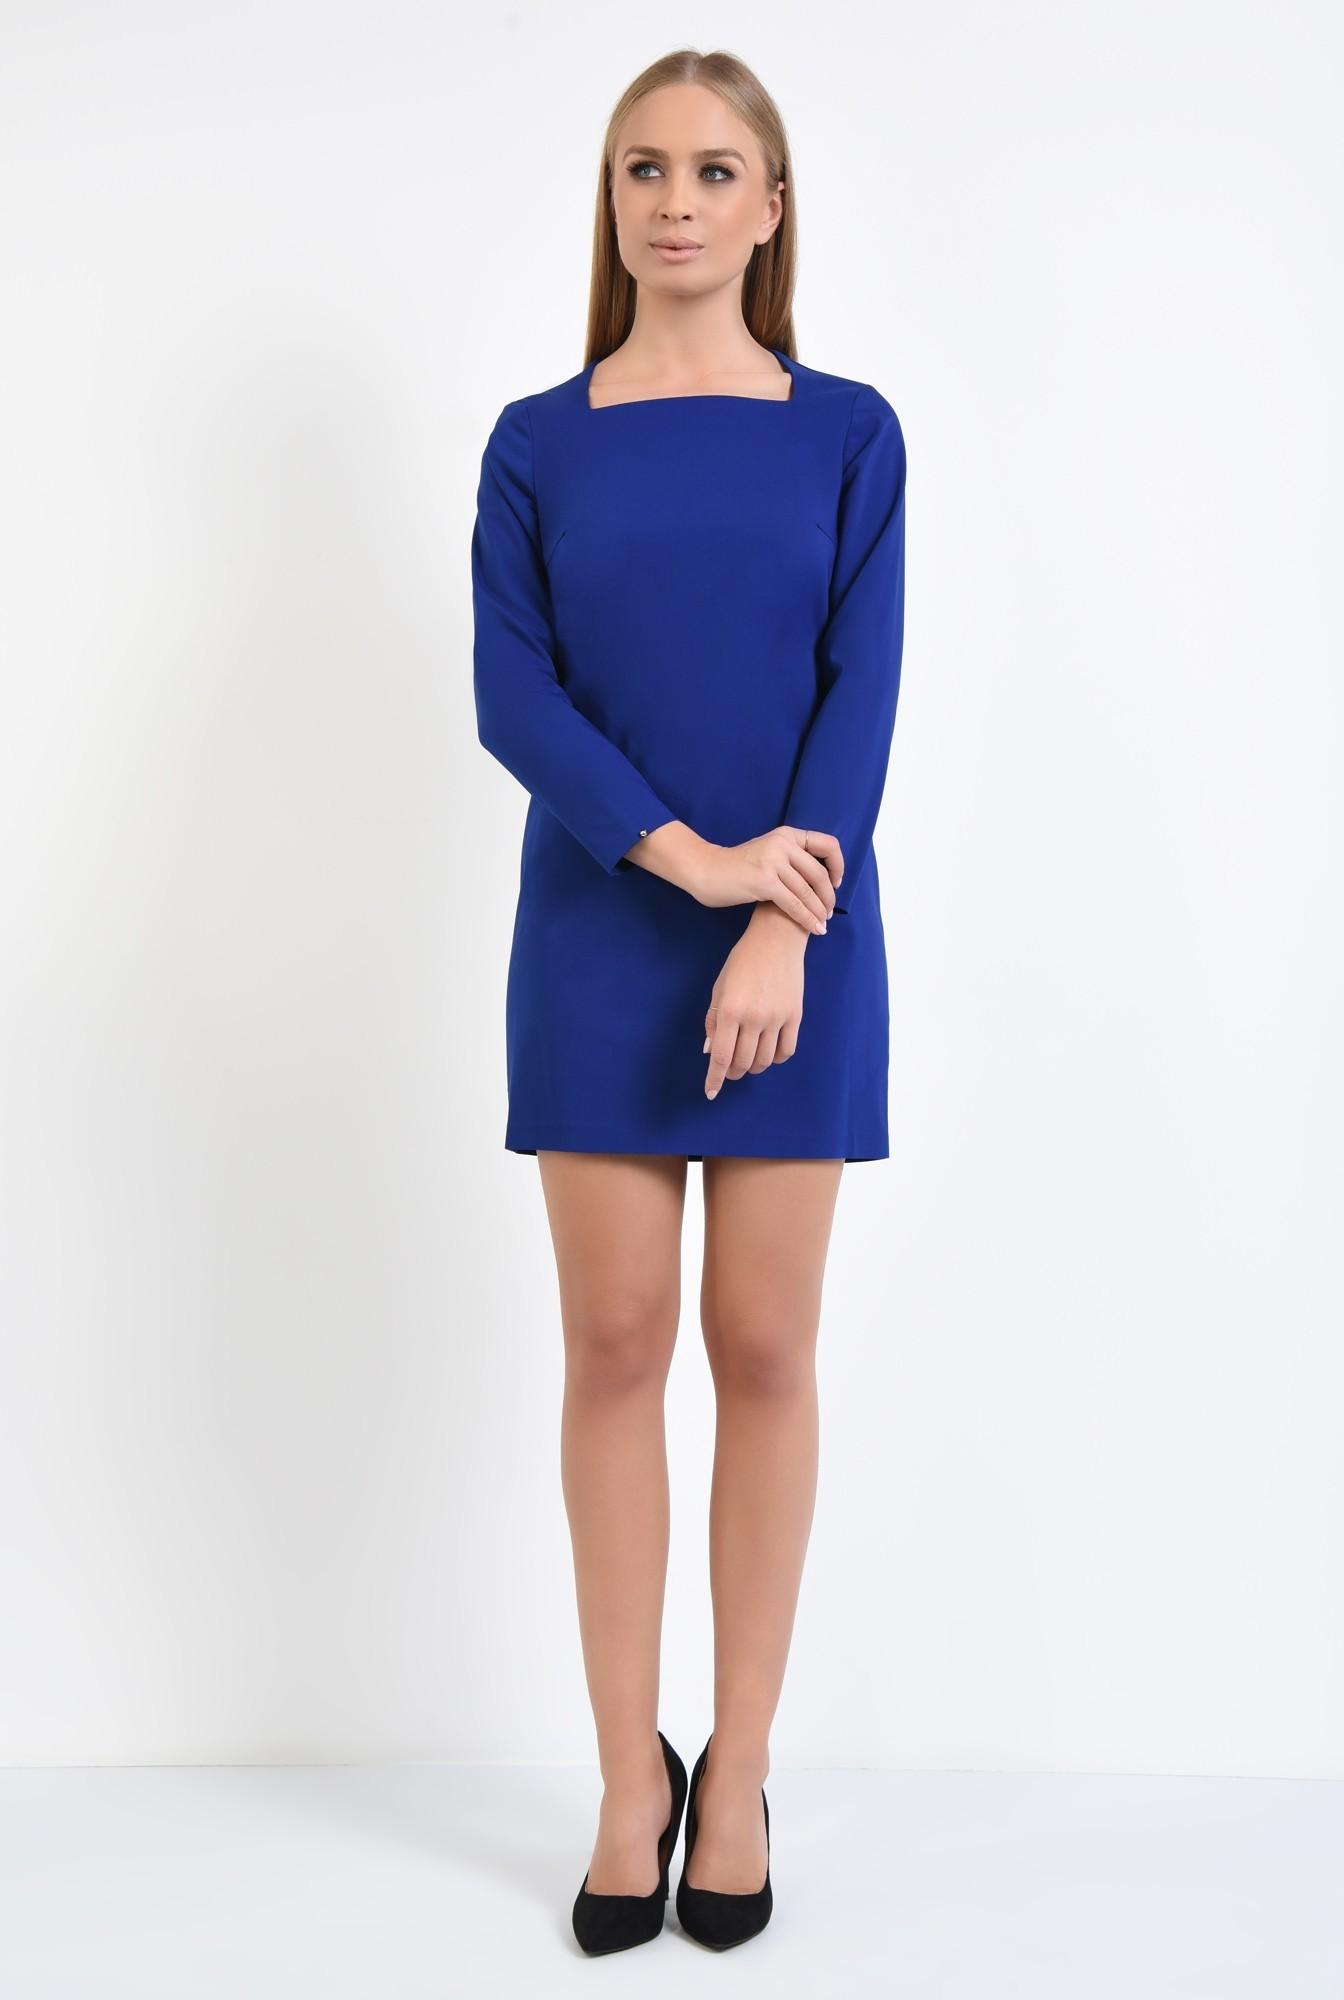 3 - rochie mini, albastru, maneci lungi, decolteu asimetric